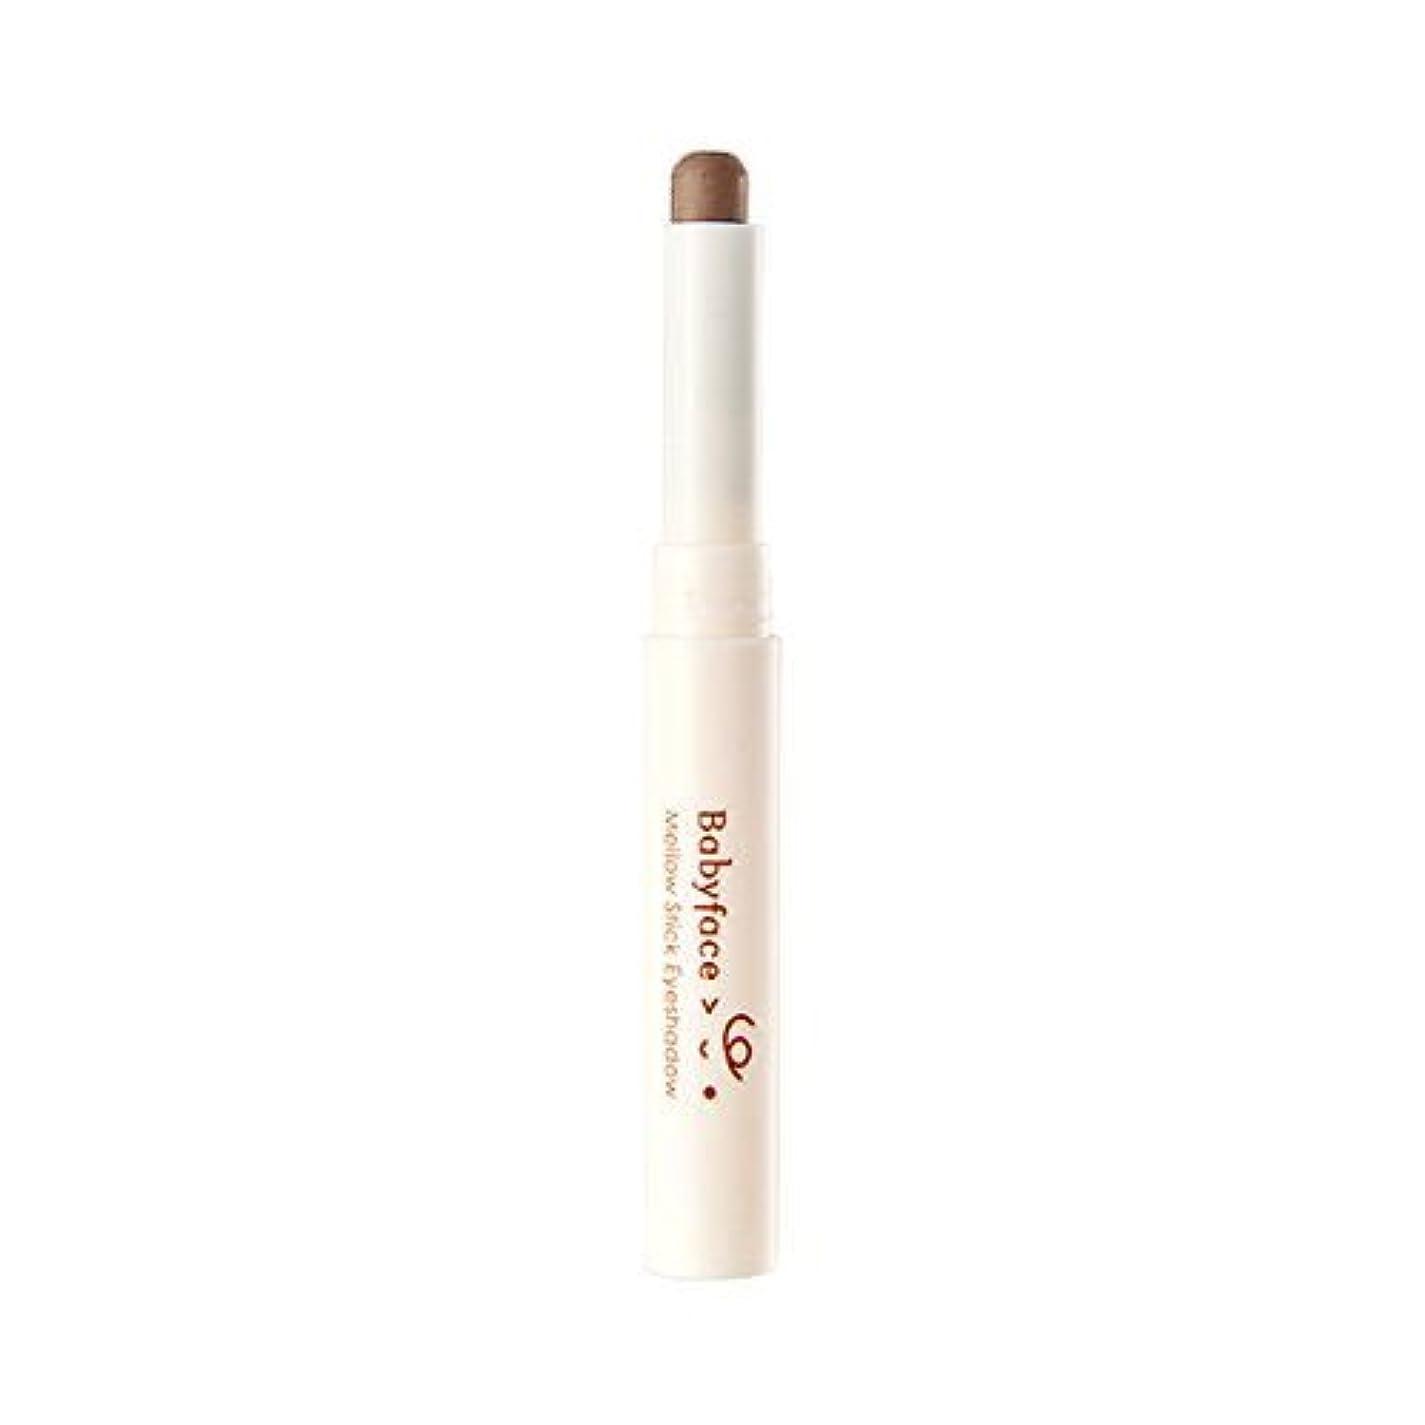 終わらせるリッチ測る(6 Pack) ITS SKIN Babyface Mellow Stick Eyeshadow - #06 Hazelnut Syrup (並行輸入品)